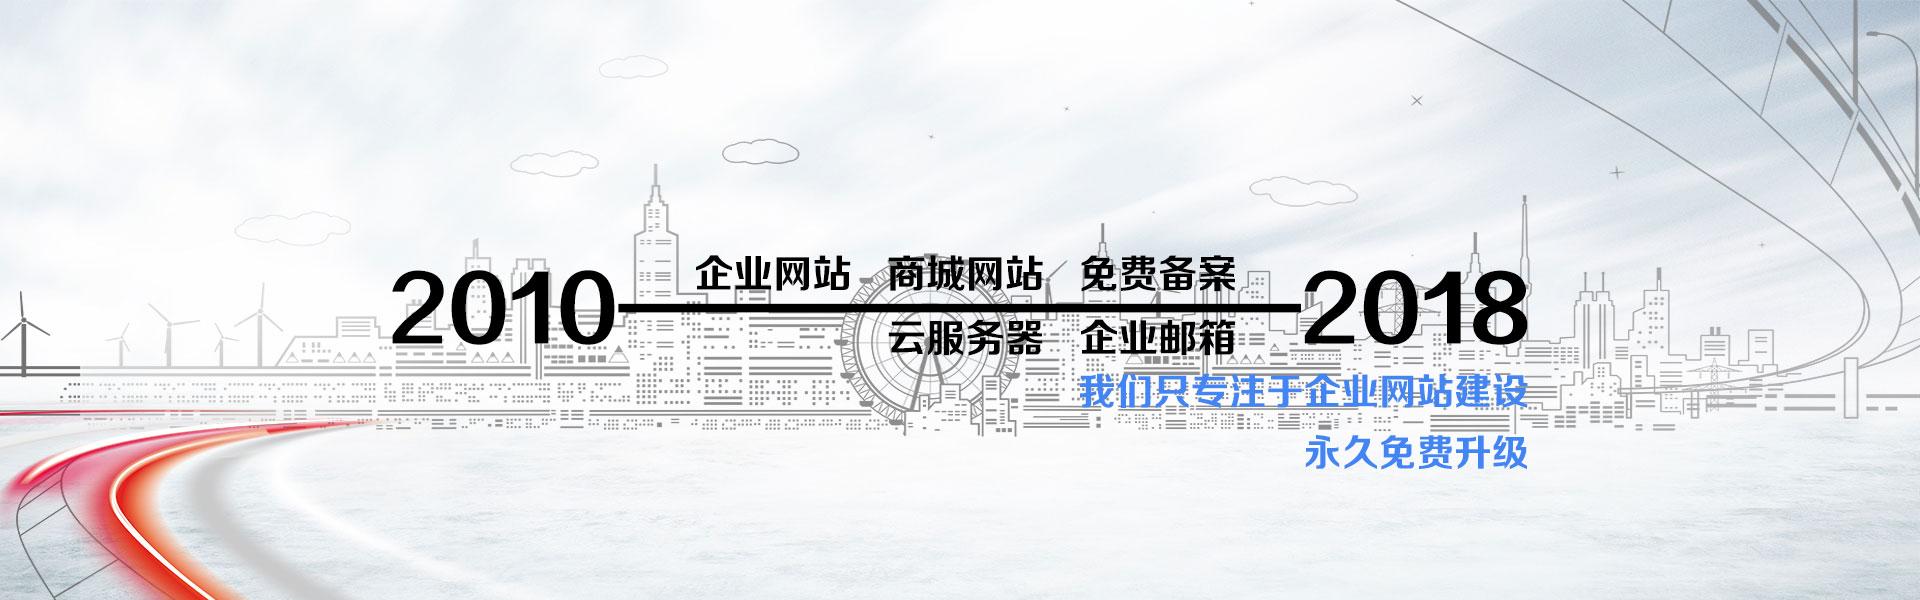 北京网站建设解决方案